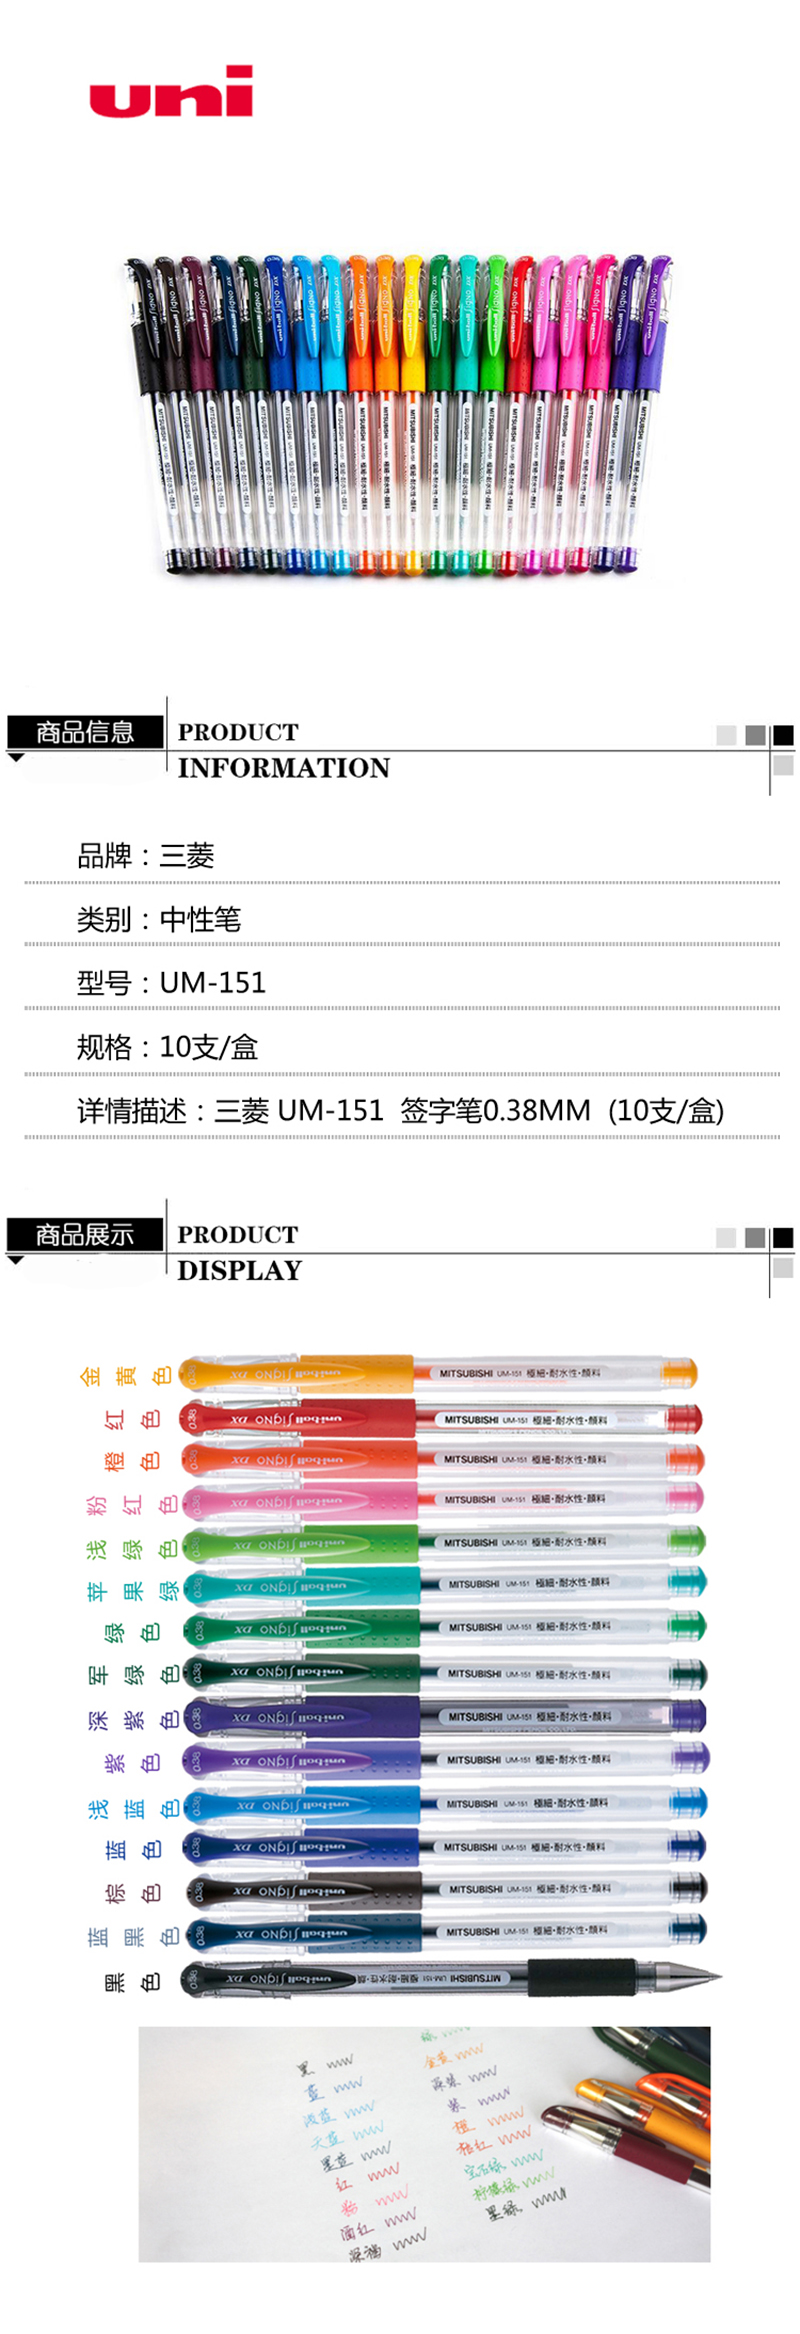 三菱 UM-151 财务用笔0.38M学生用中性签字笔蓝色(替芯URM-1)黑色 10支装